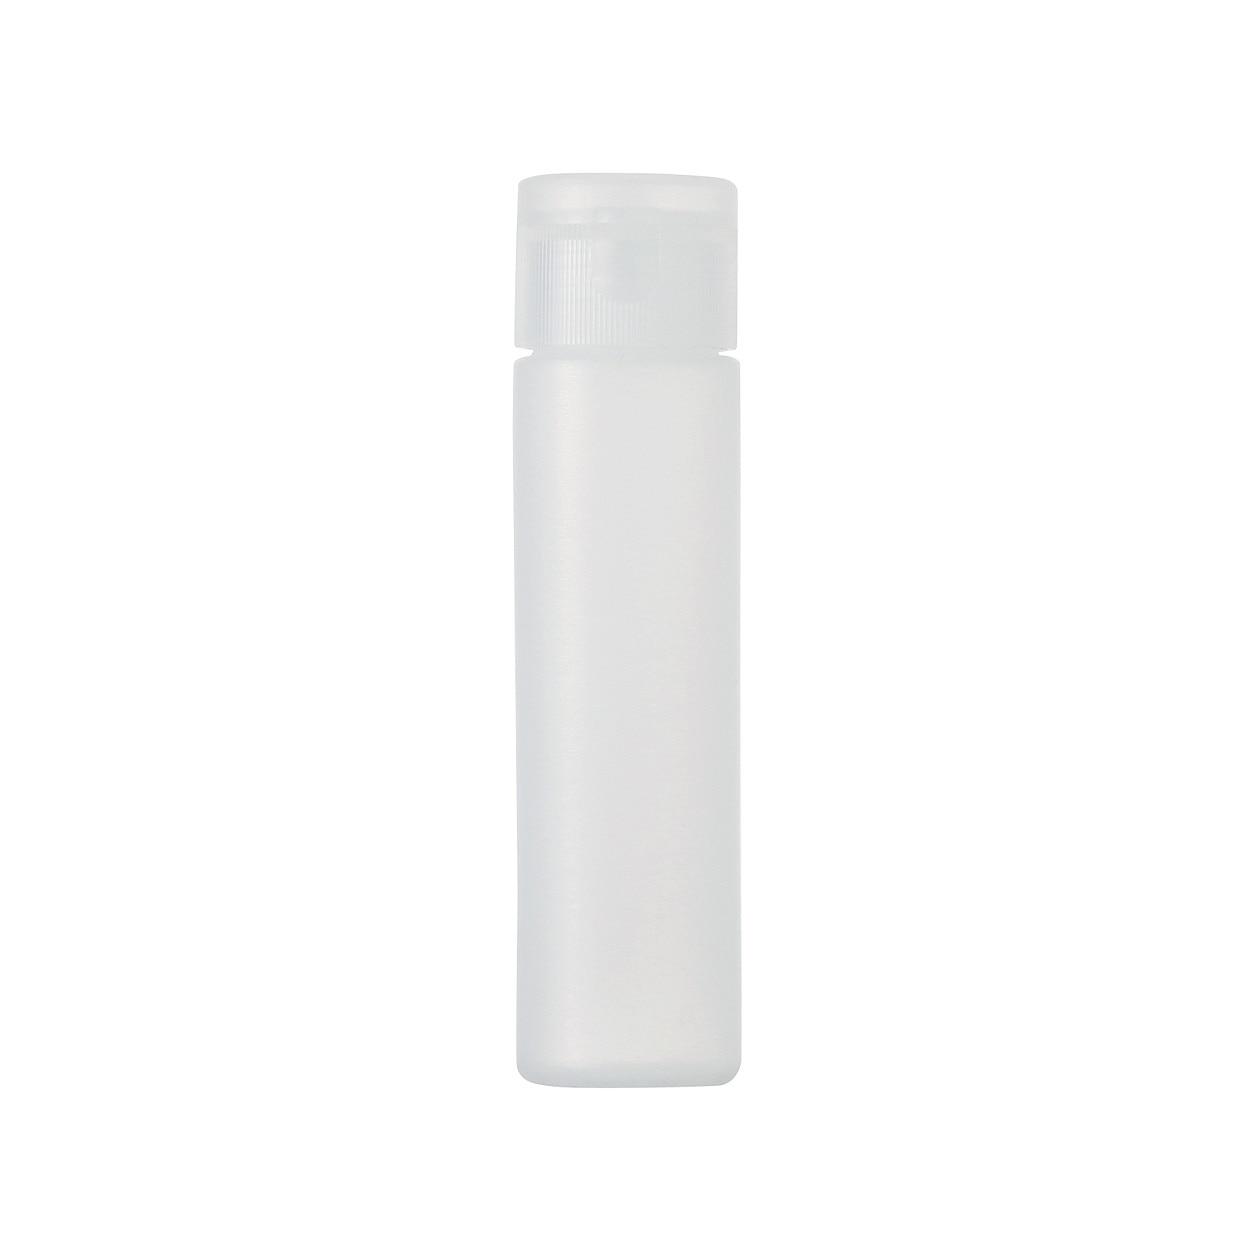 ポリエチレン小分けボトルワンタッチキャップ・18ml